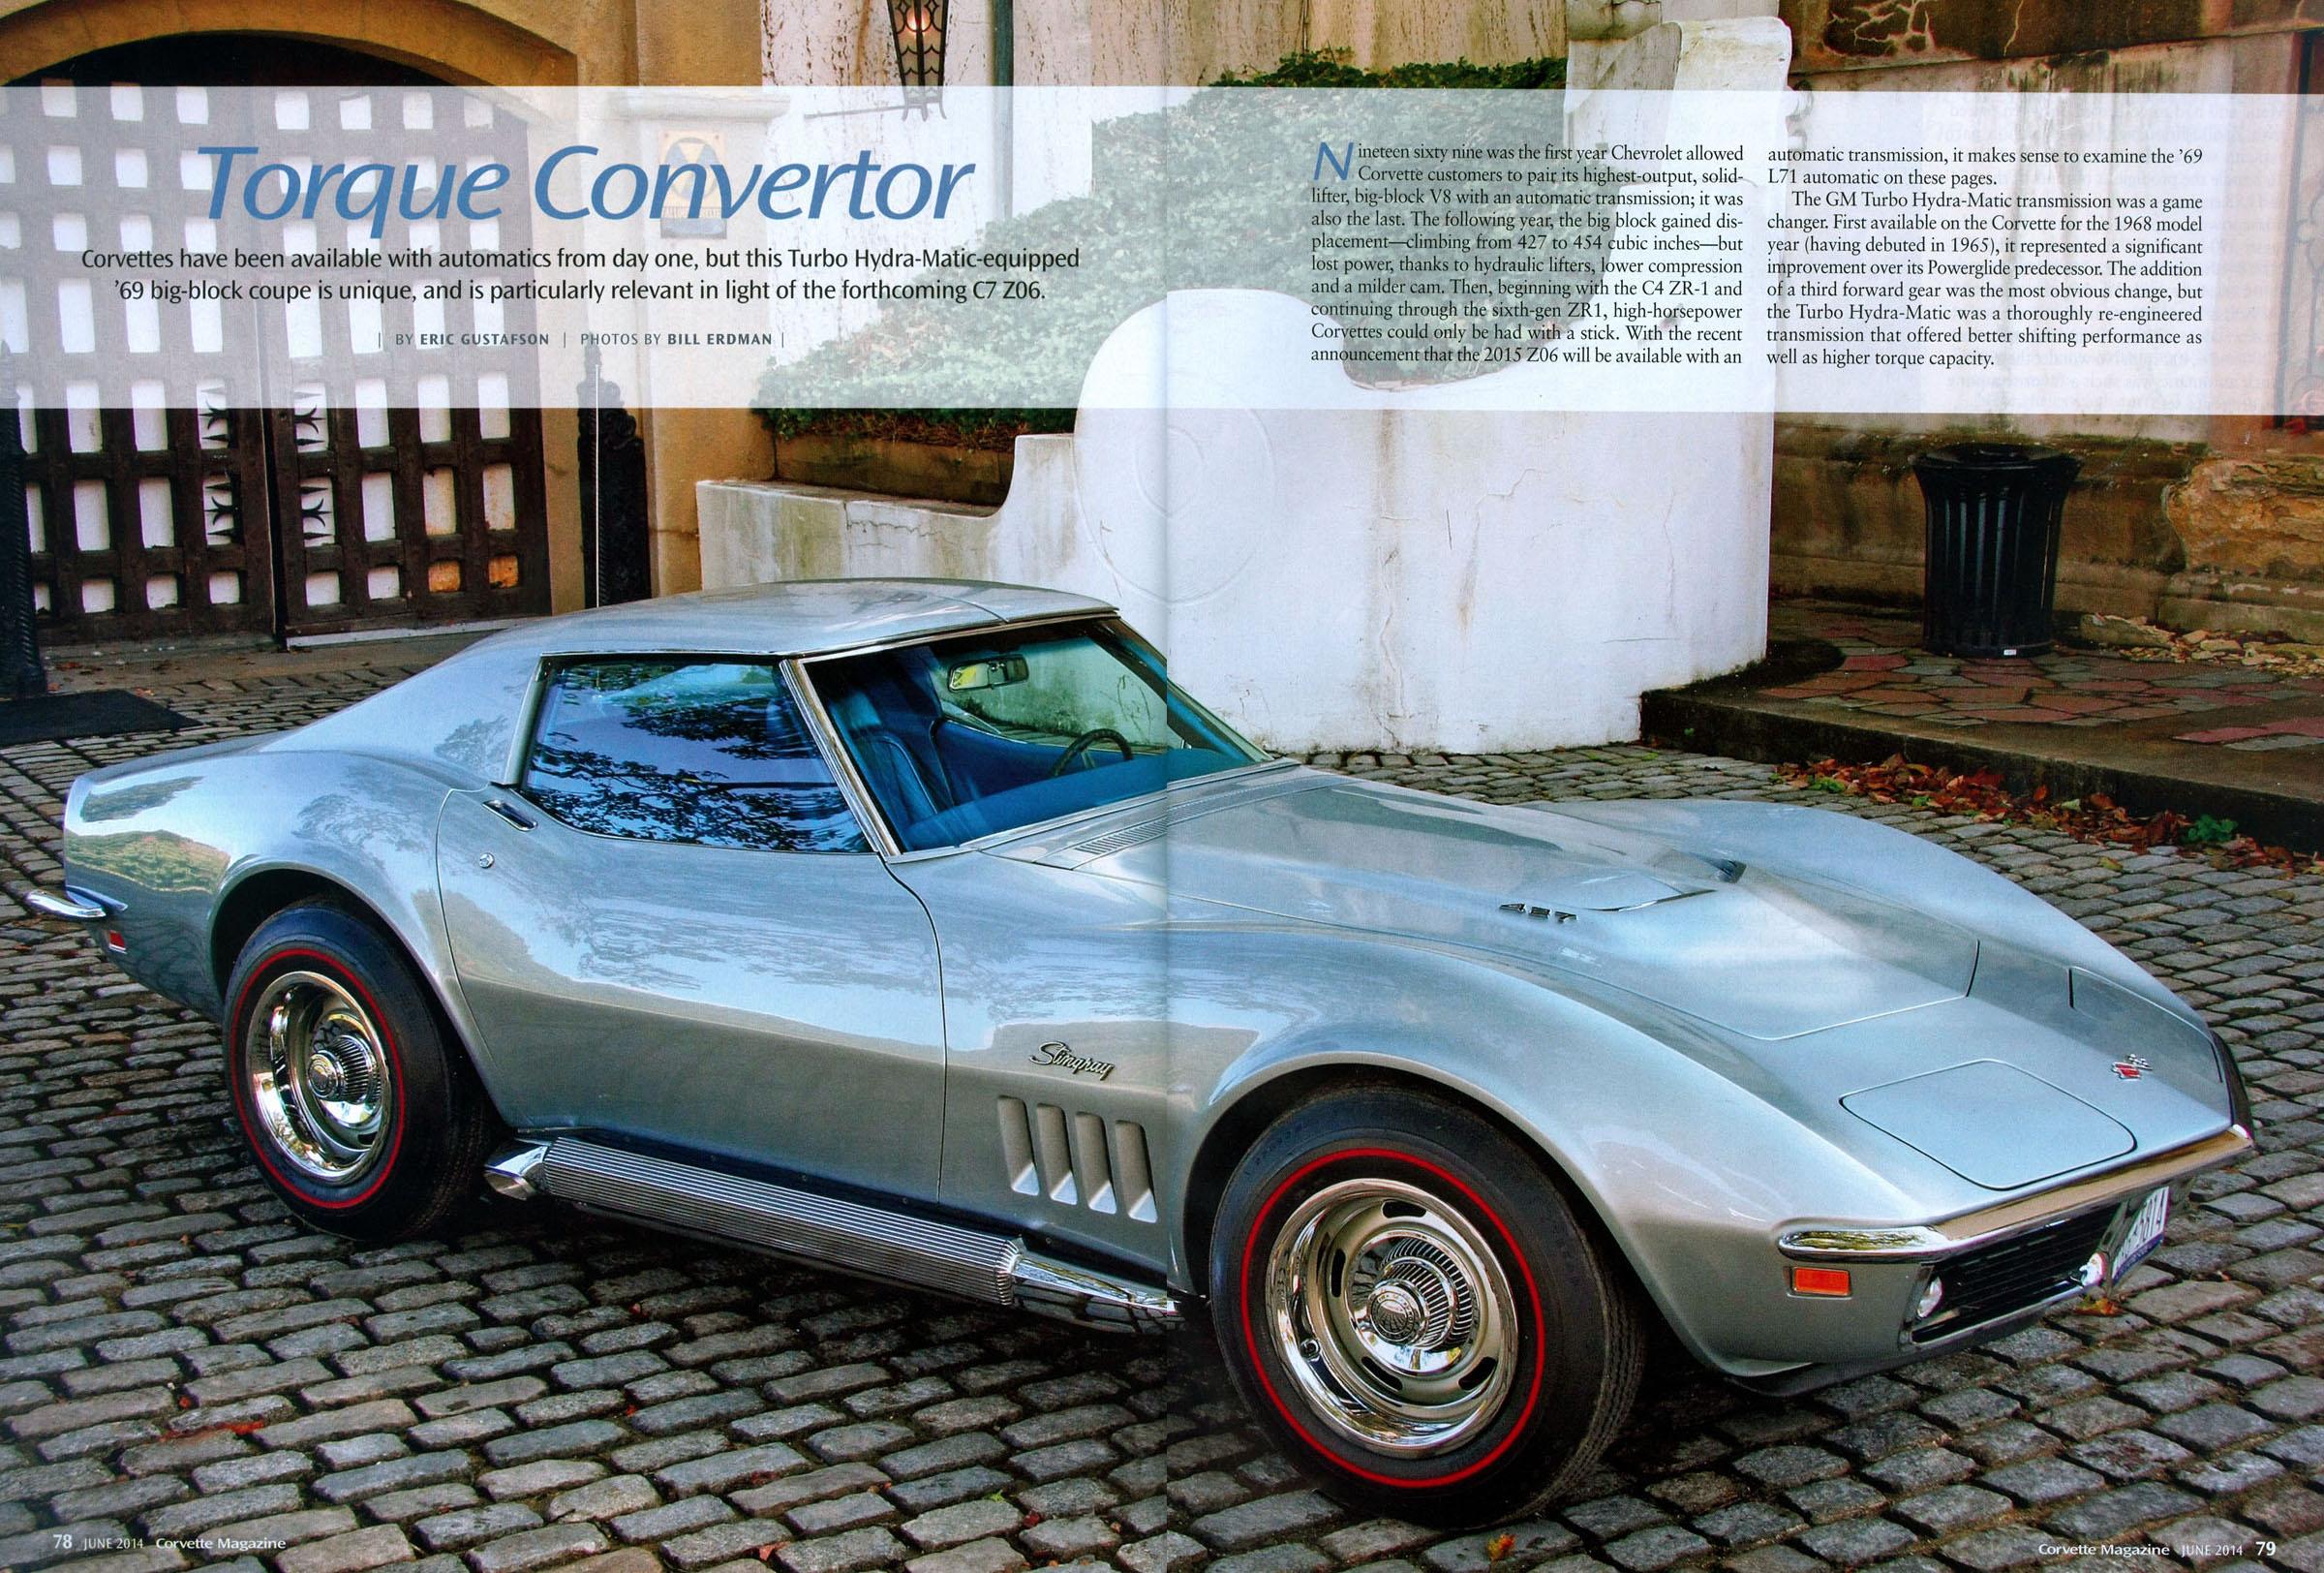 CorvetteMagJune2014_1